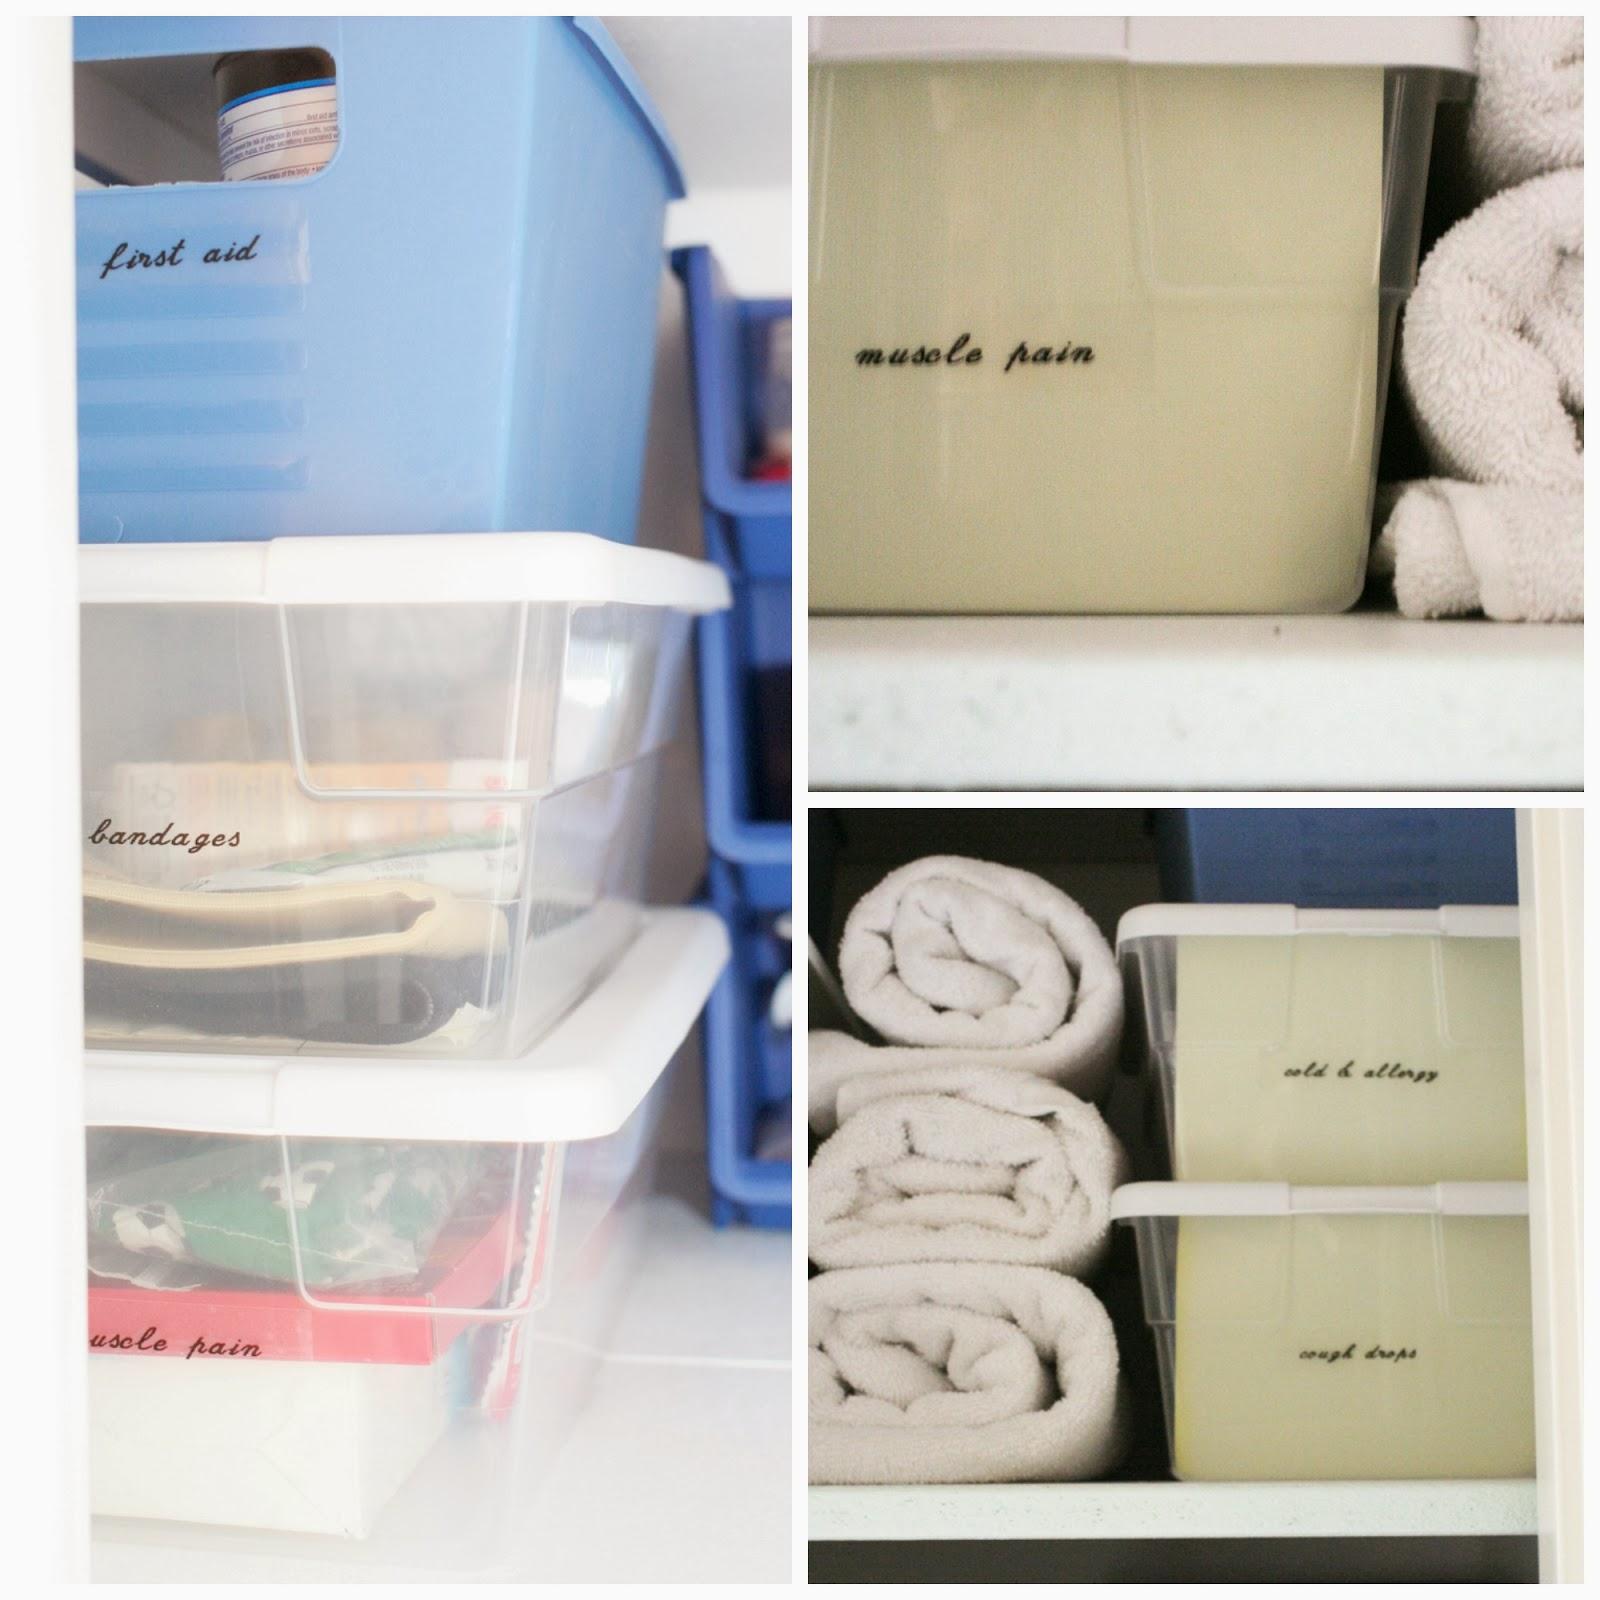 Home Network Closet Design Best Kitchen Gallery | Rachelxblog my ...